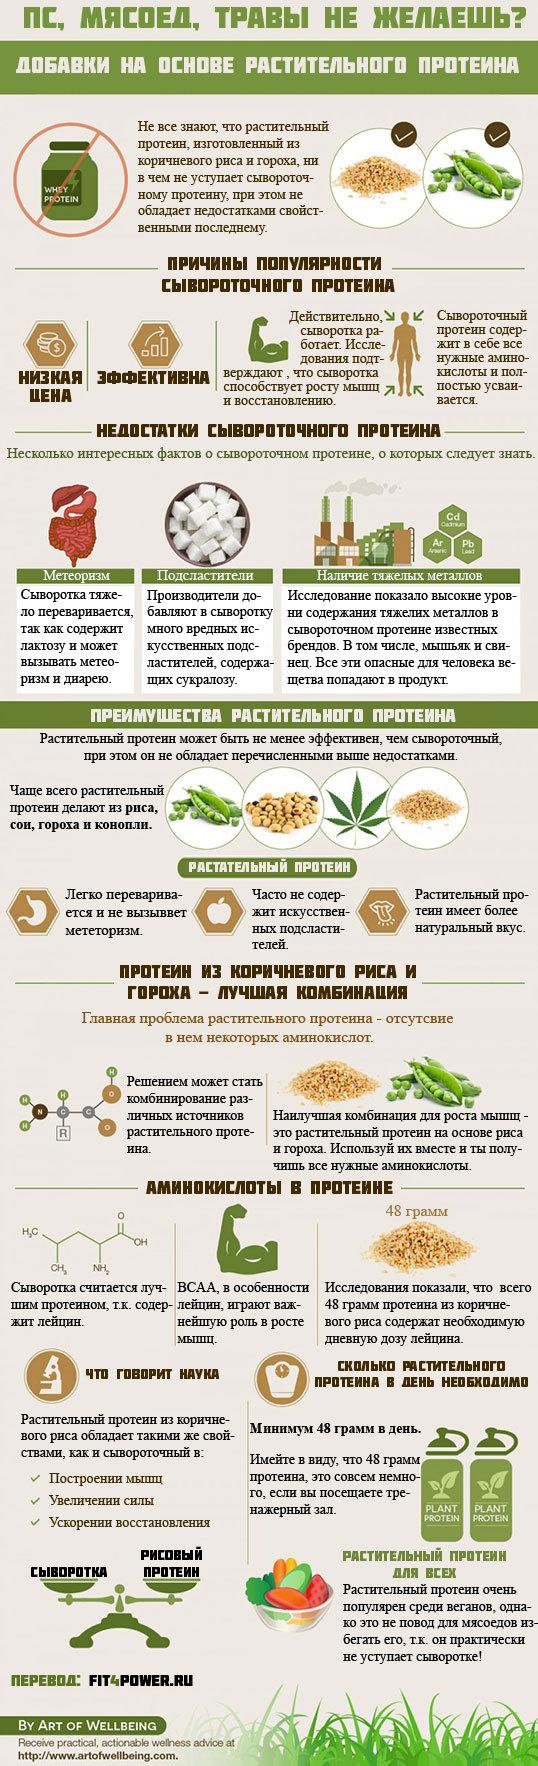 Растительный протеин Протеины, Спортивное питание, Вегетарианство, Бодибилдинг, Инфографика, Длиннопост